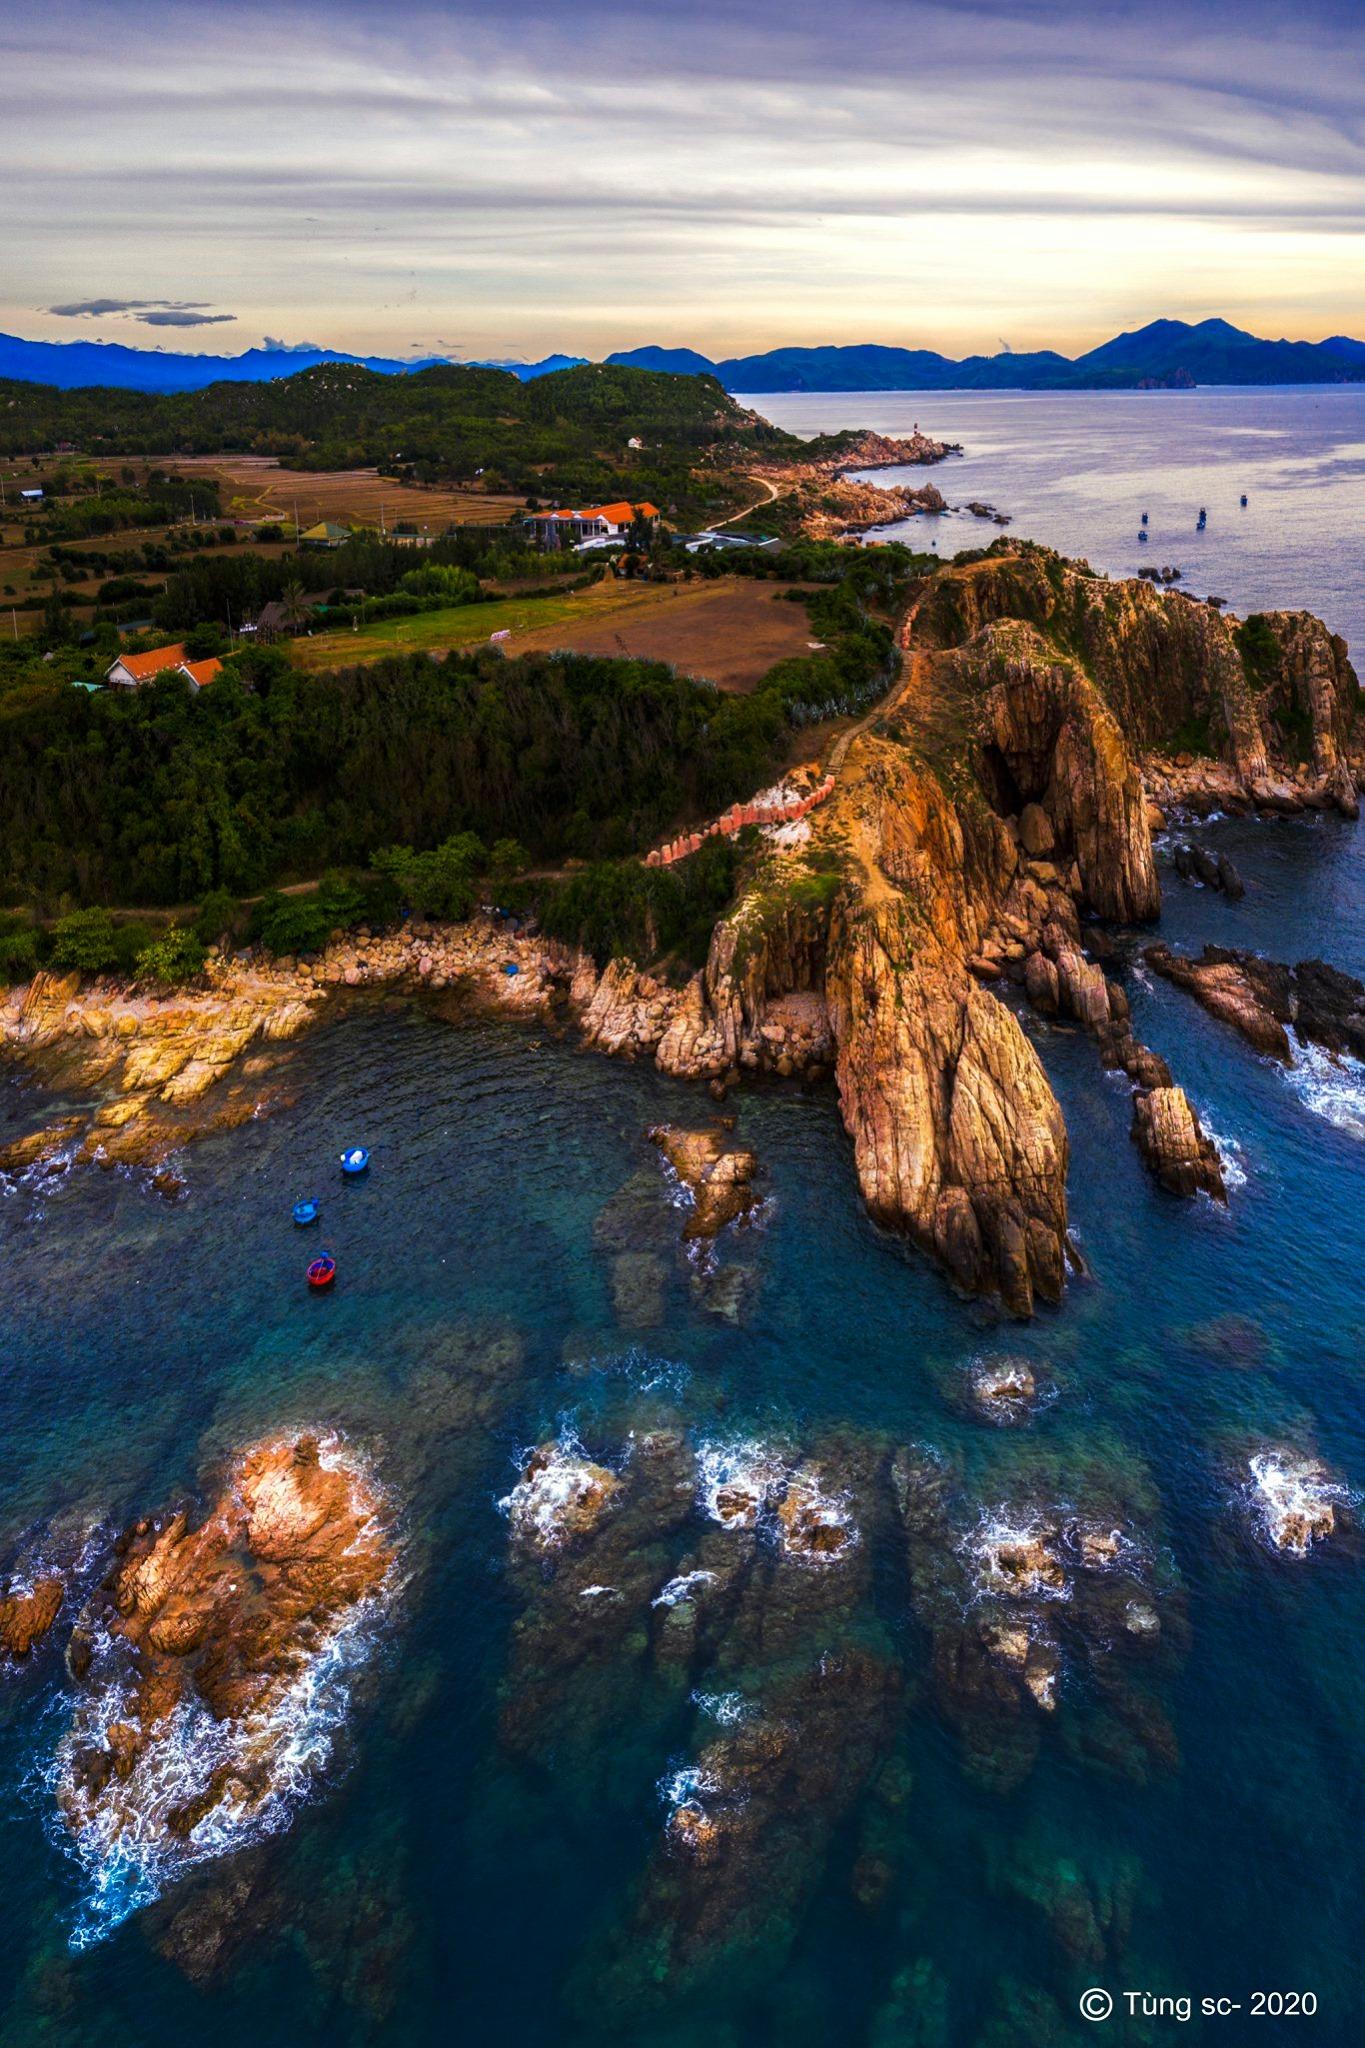 Chiêm ngưỡng vẻ đẹp Gành Đèn, 'viên ngọc' được cất giấu giữa biển trời Phú Yên  - Ảnh 2.